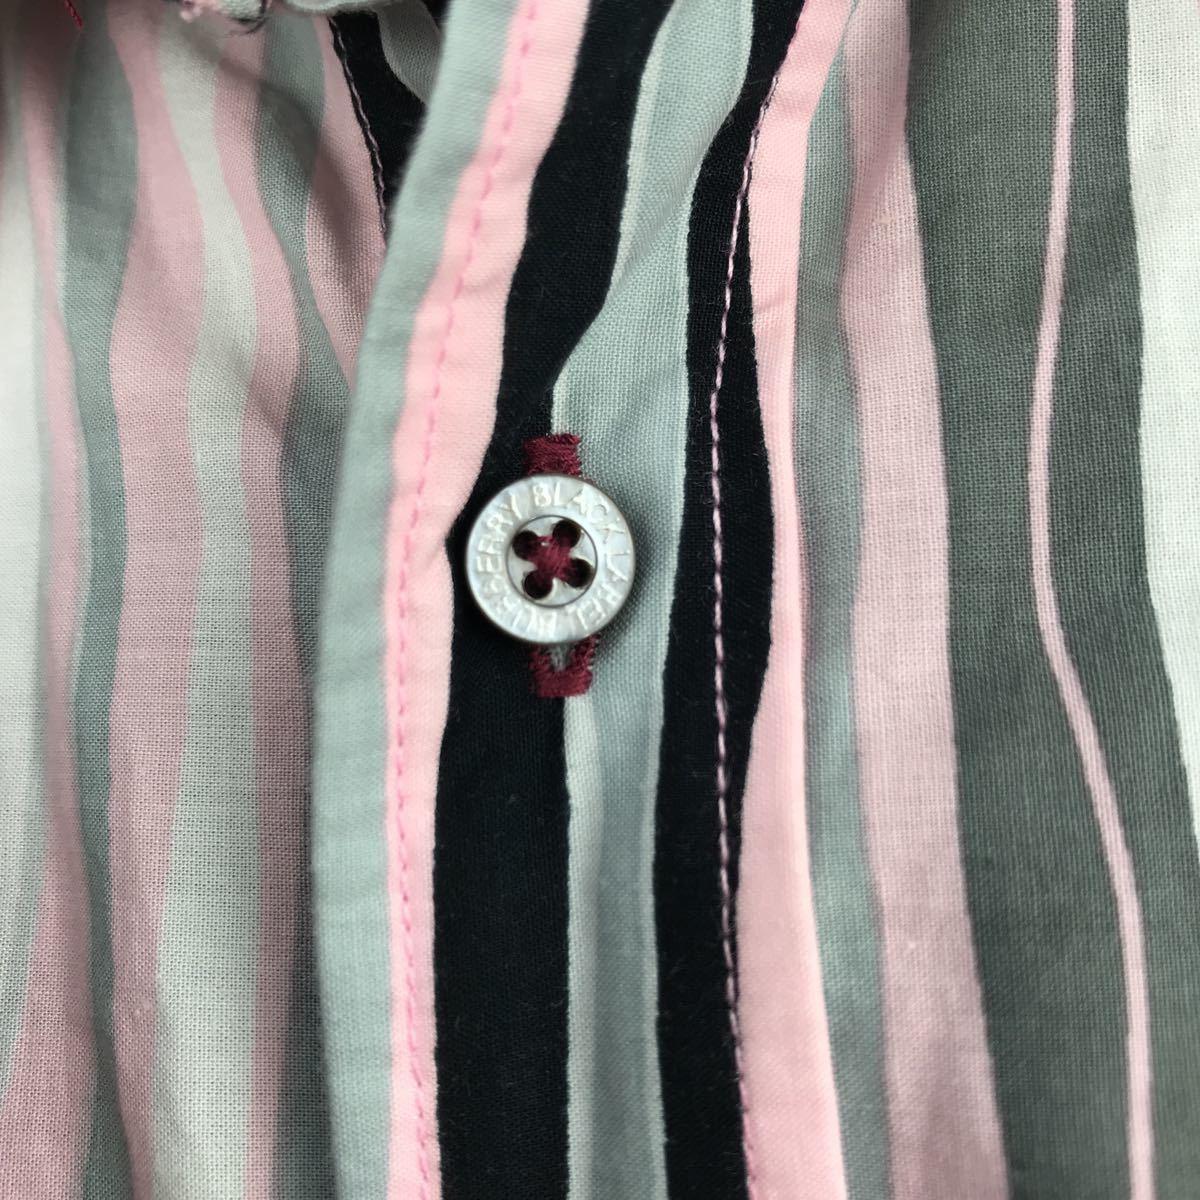 1円売切■3回着用■BURBERRY■BLACKLABELバーバリーブラックレーベル■ストライプ ボタンシャツ 半袖■ホースマーク■サイズ2_画像4